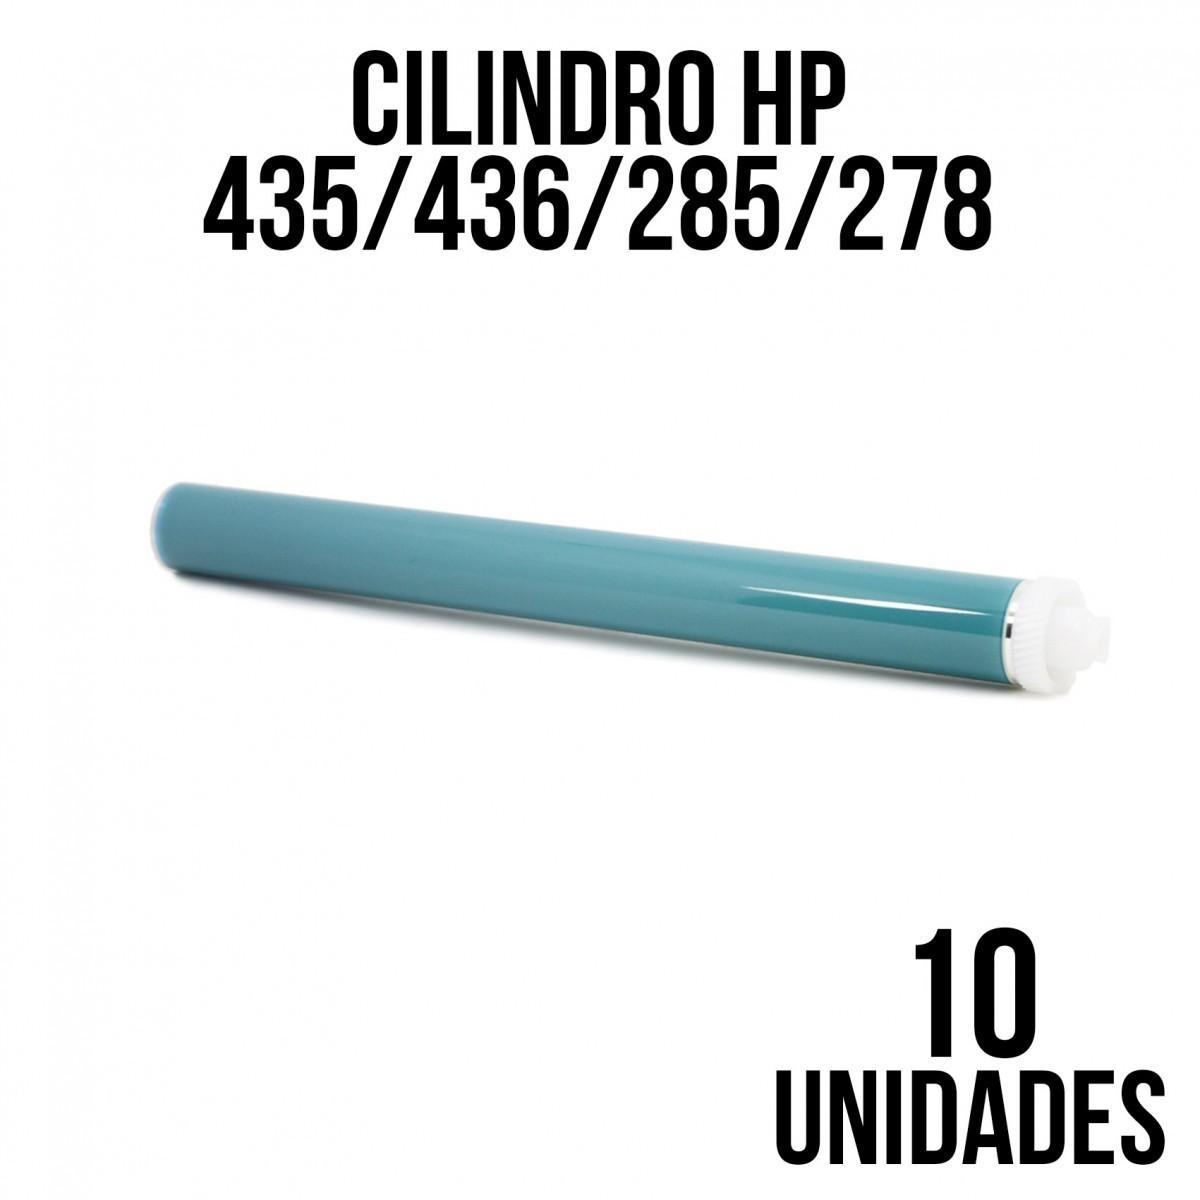 CILINDRO HP 285/435/436/CE278/285/283/85/283  COM 10 UNIDADES